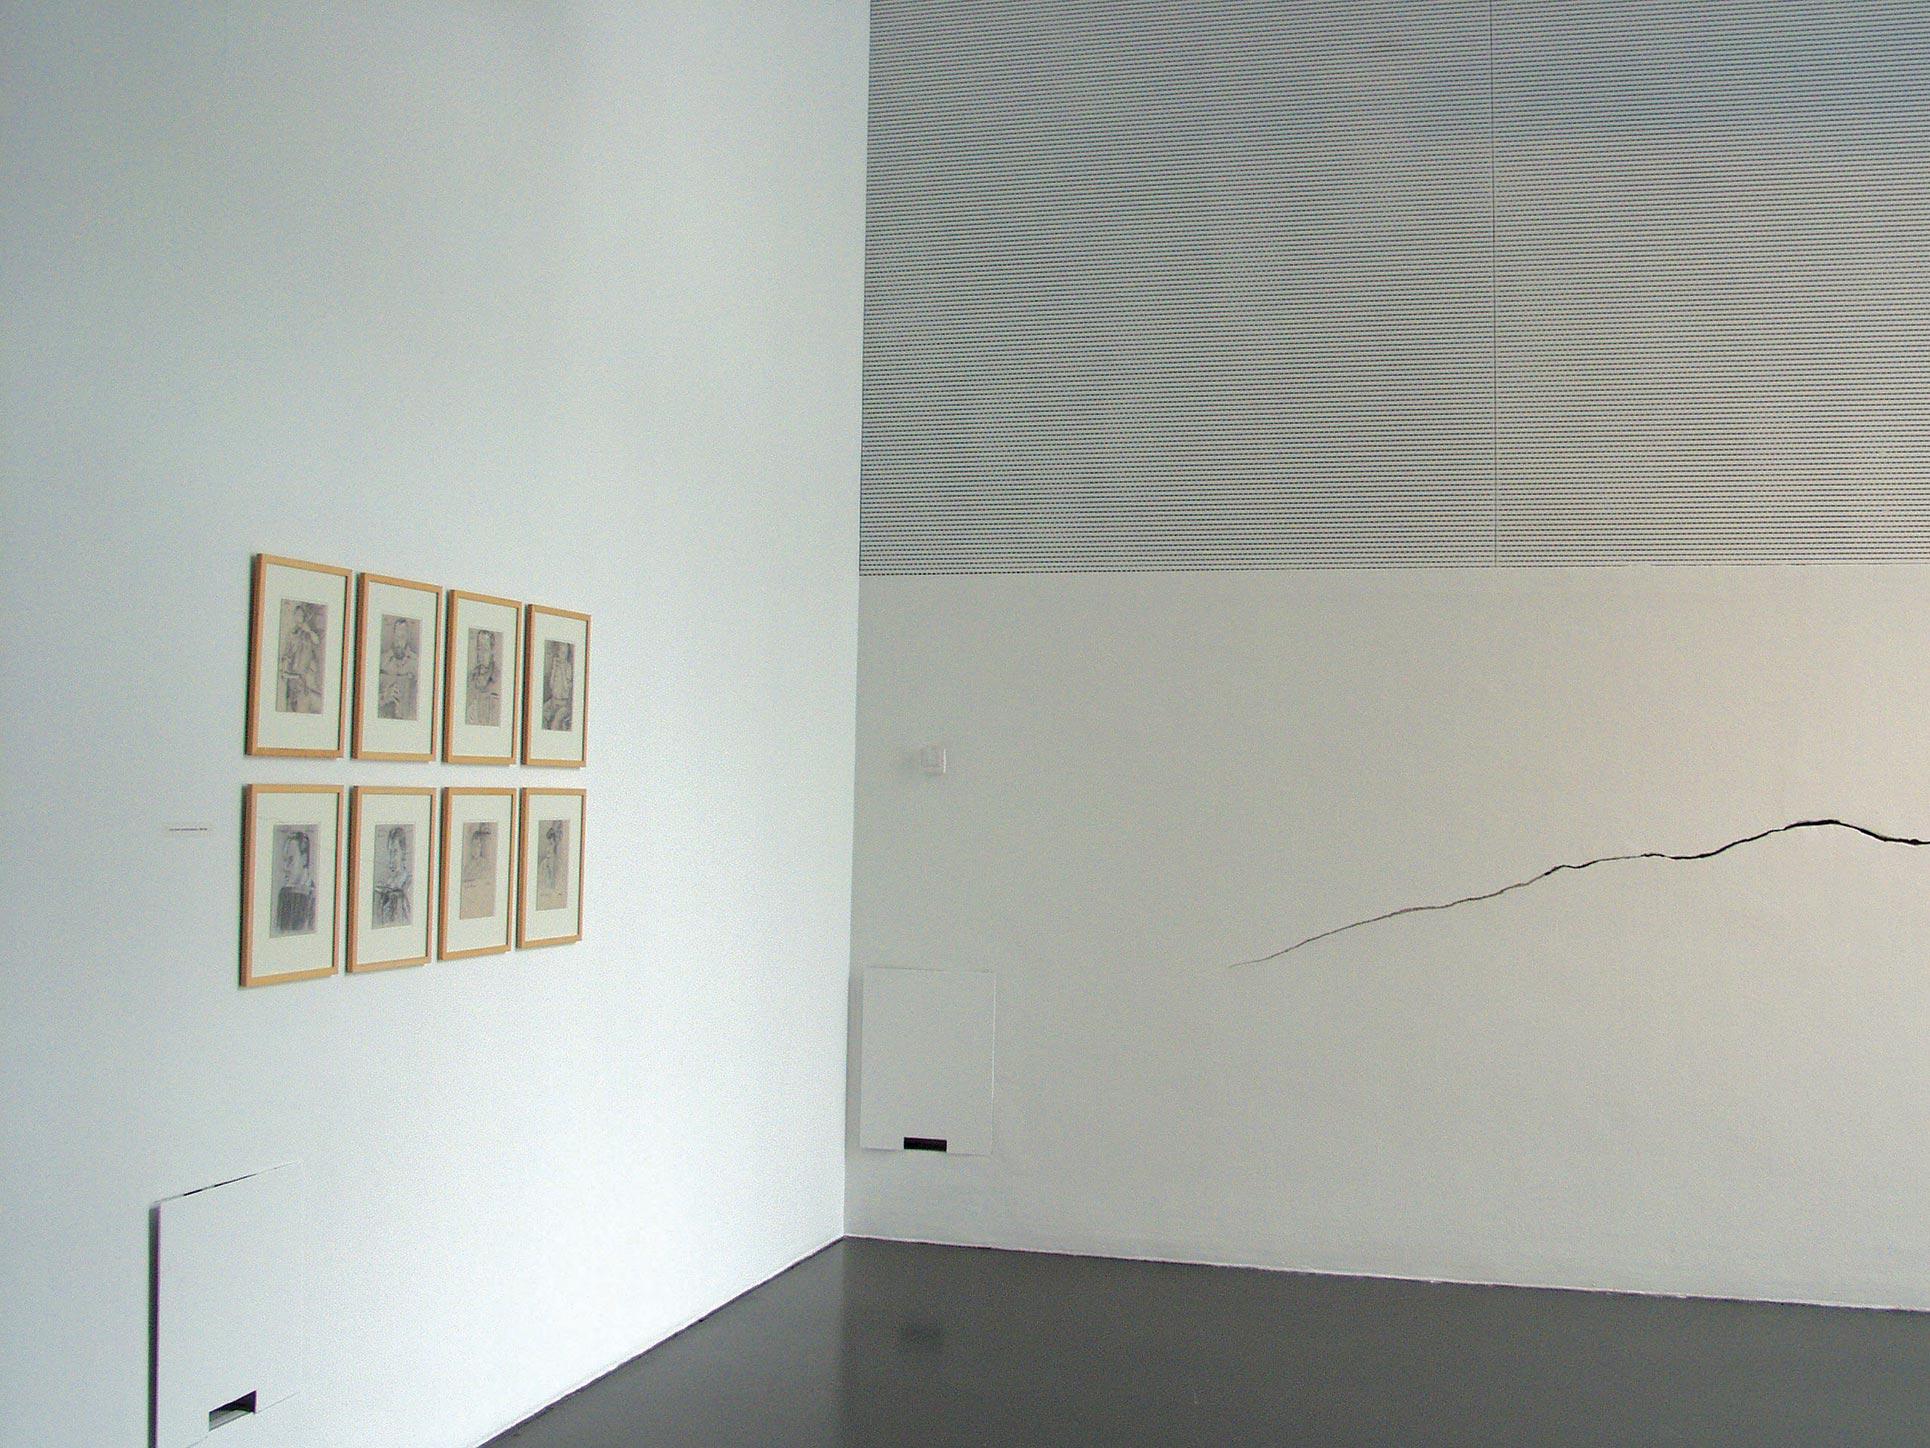 Anton Bruhin, Emilio Fantin